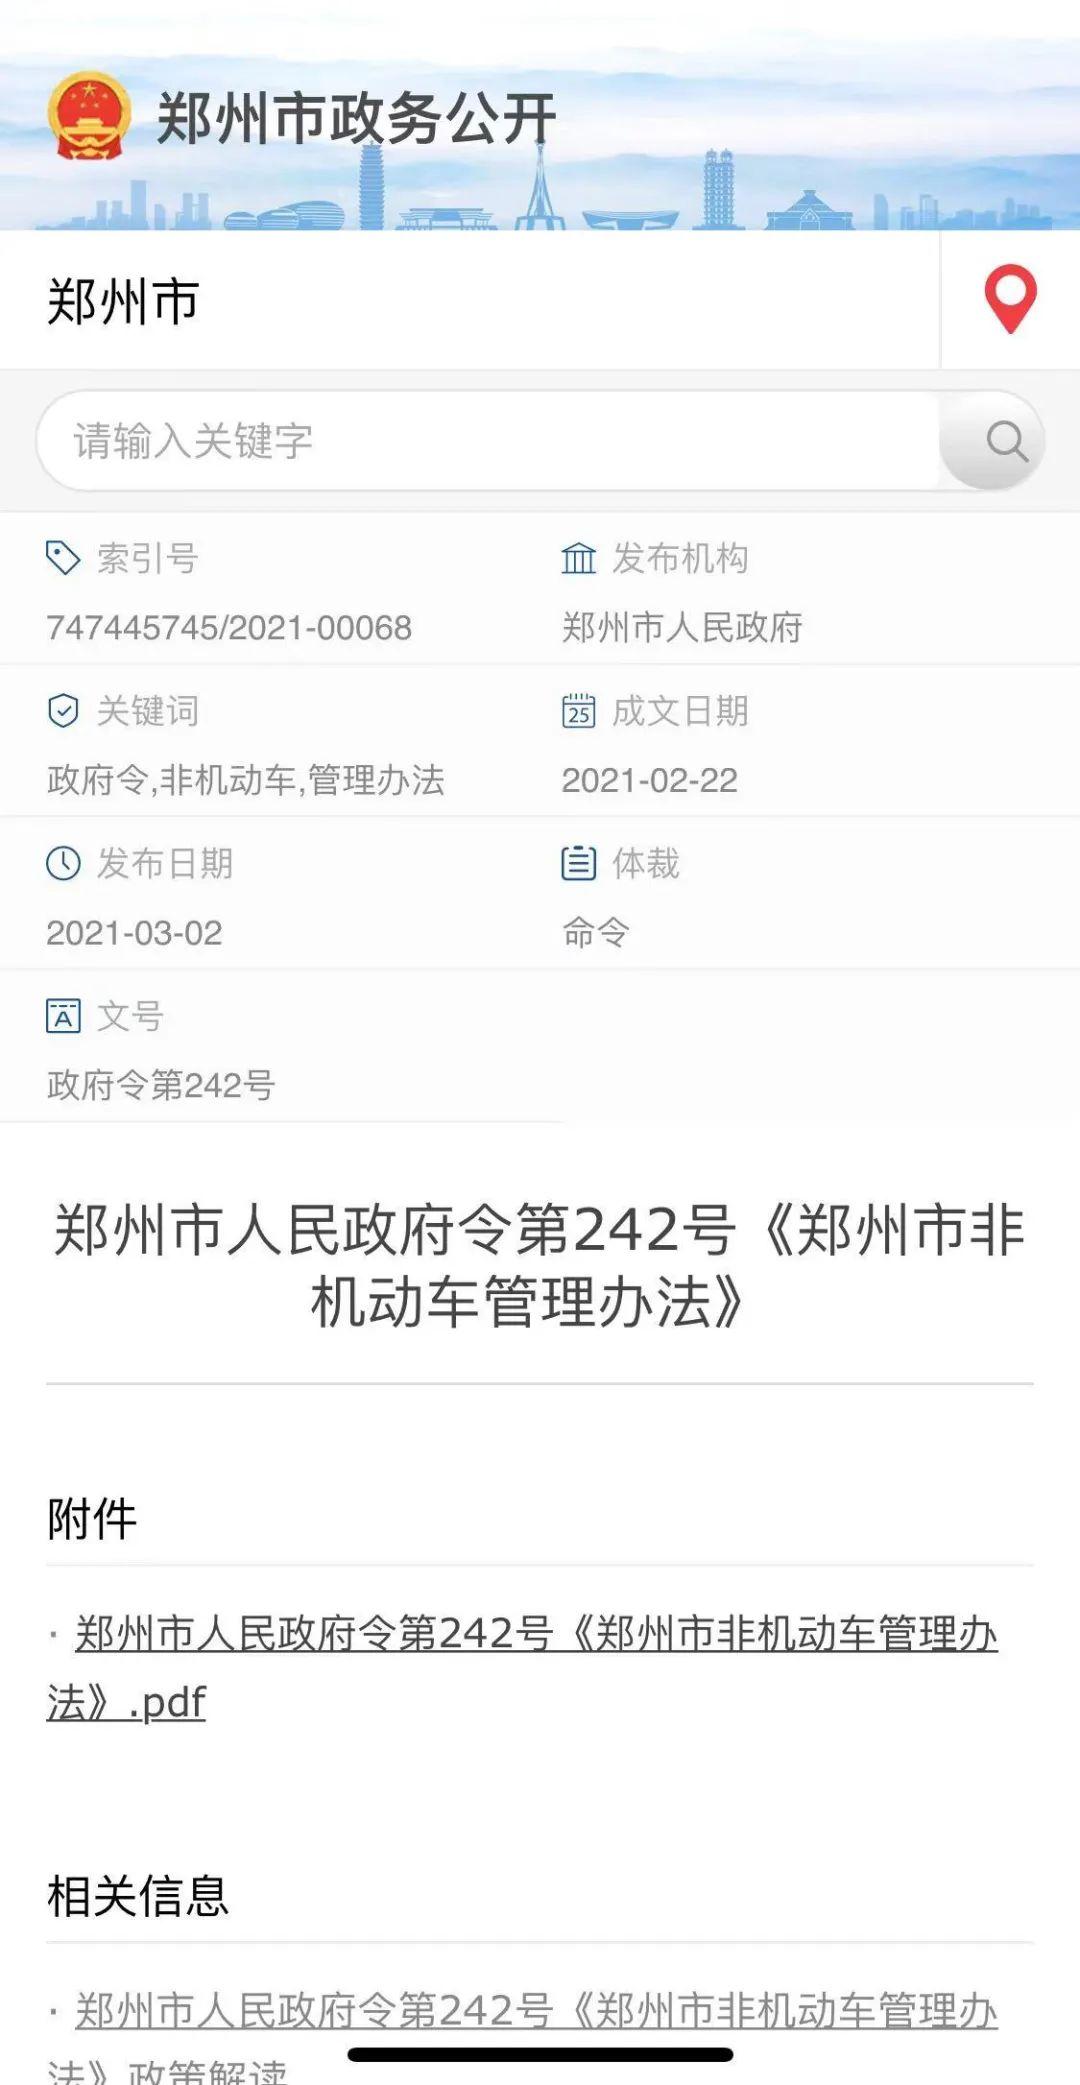 刚刚发布!郑州无牌电动车将不能上路、停车收费标准拟修改……与你有关!